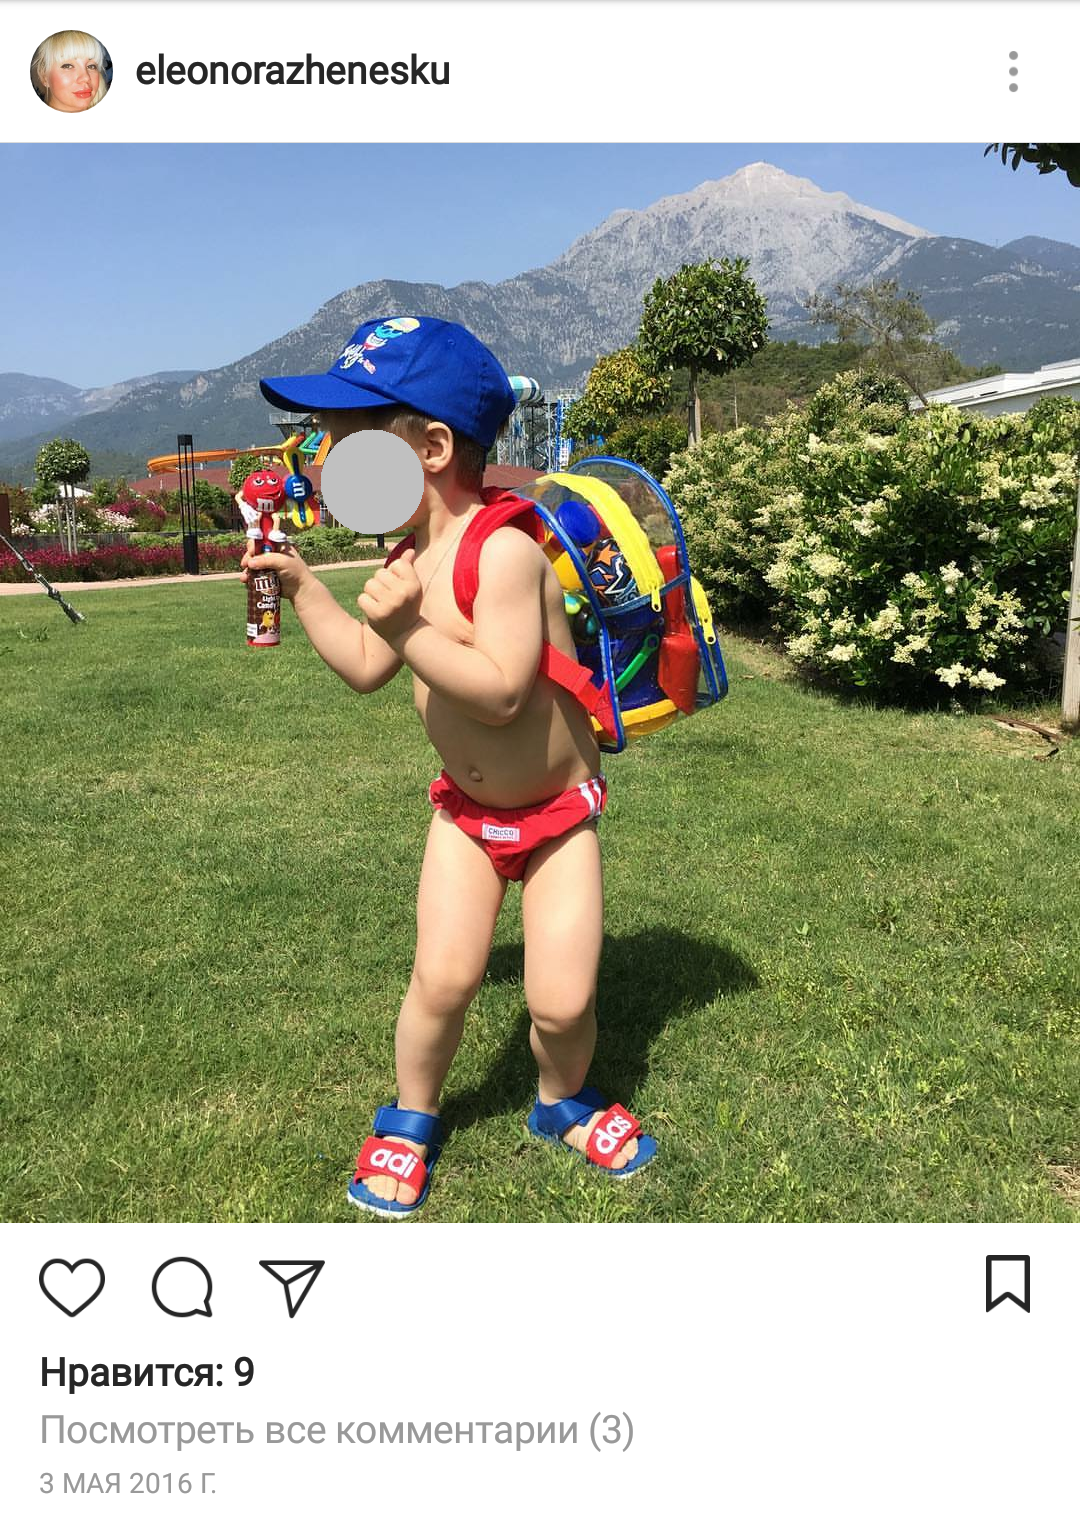 Фото Елеонори Женеску з її профілю у мережі Instagram